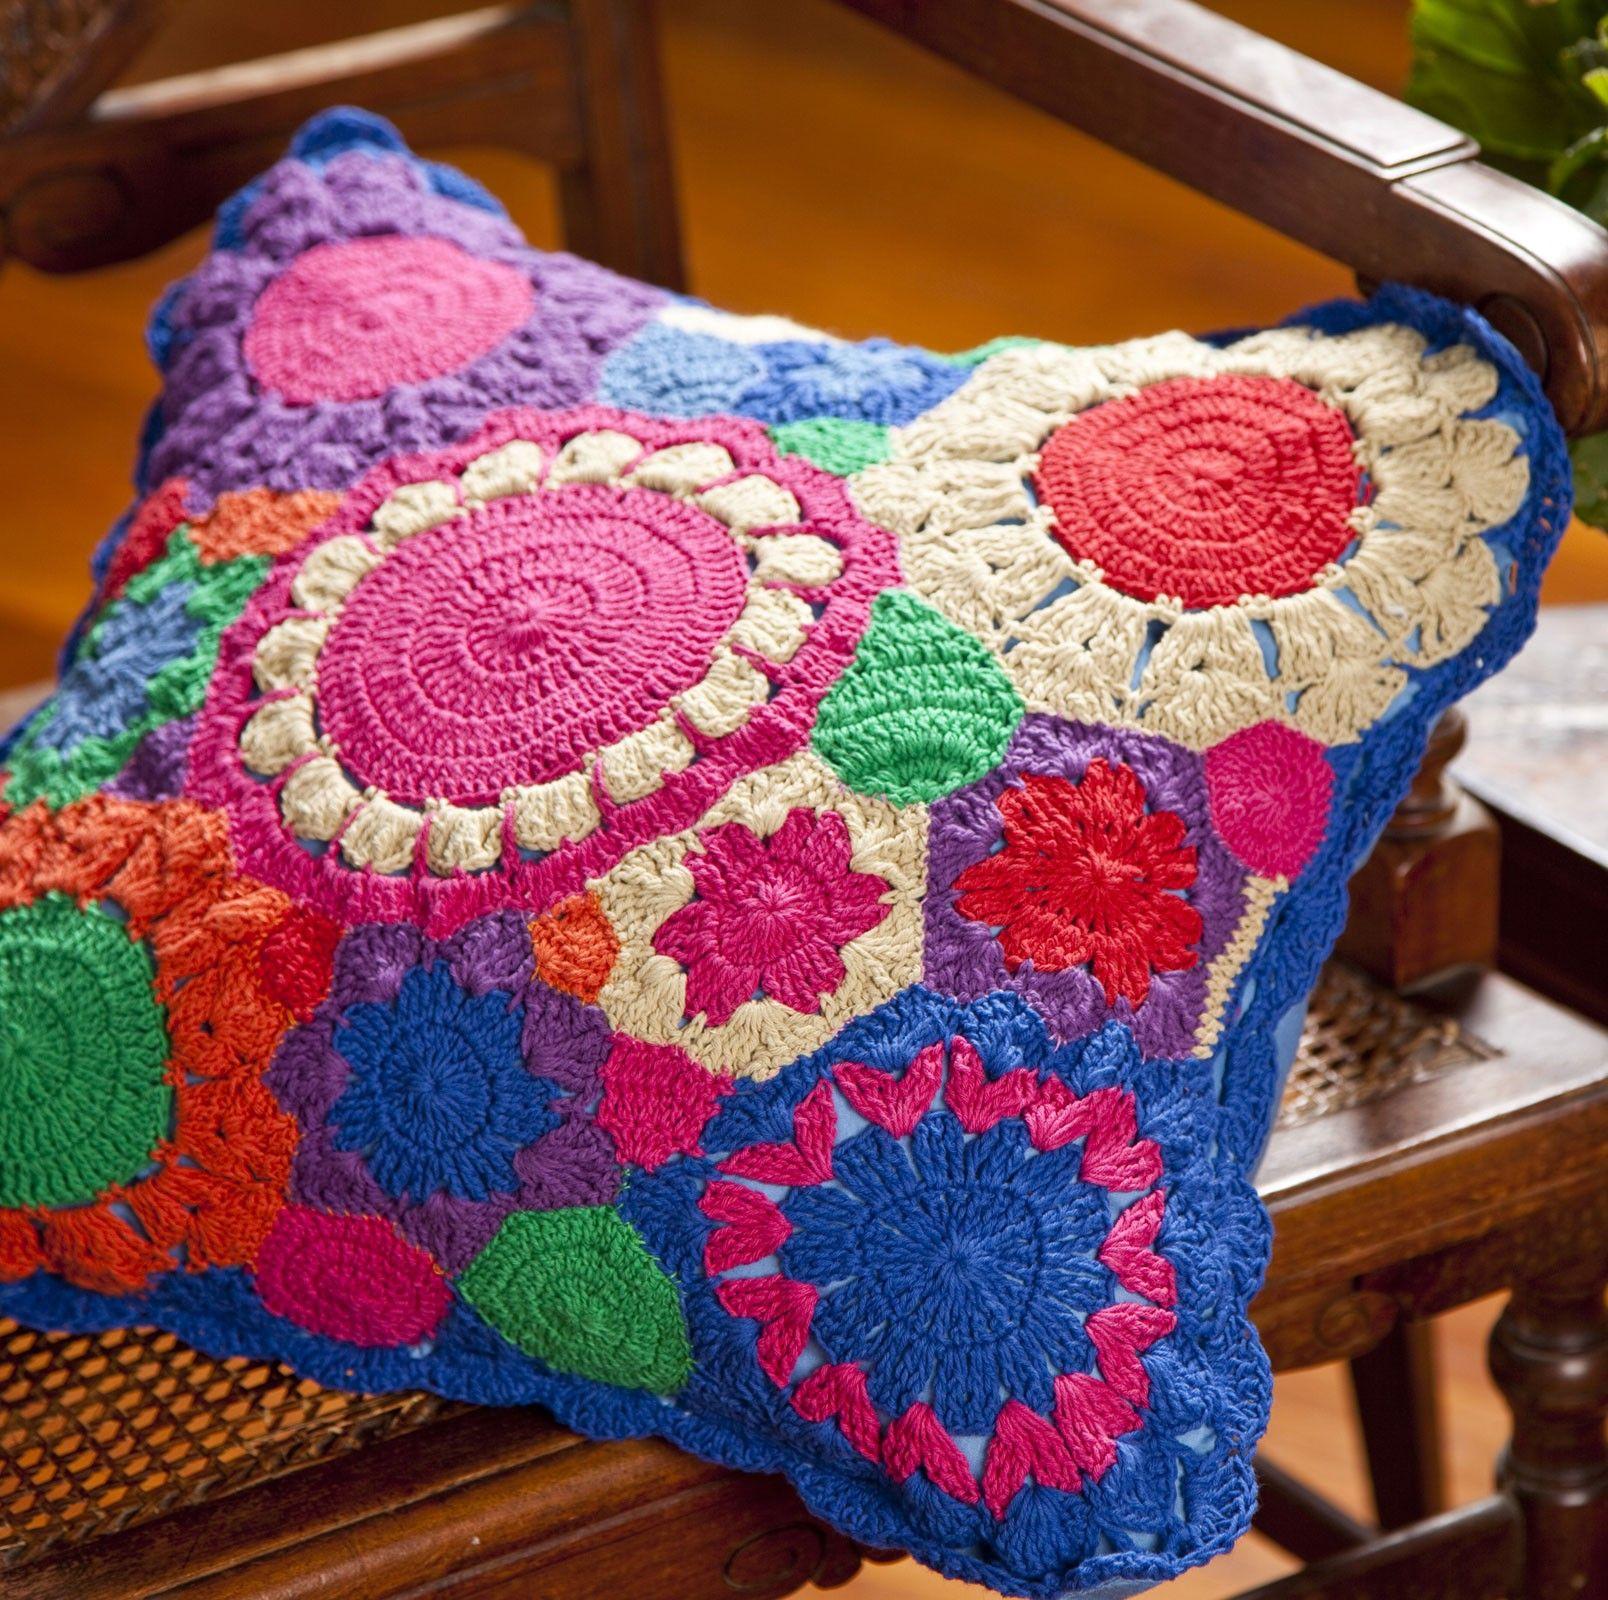 387cecdc2a Capa de Almofada Flores Crochê - Material: 100% Algodão/ Crochê Cor ...